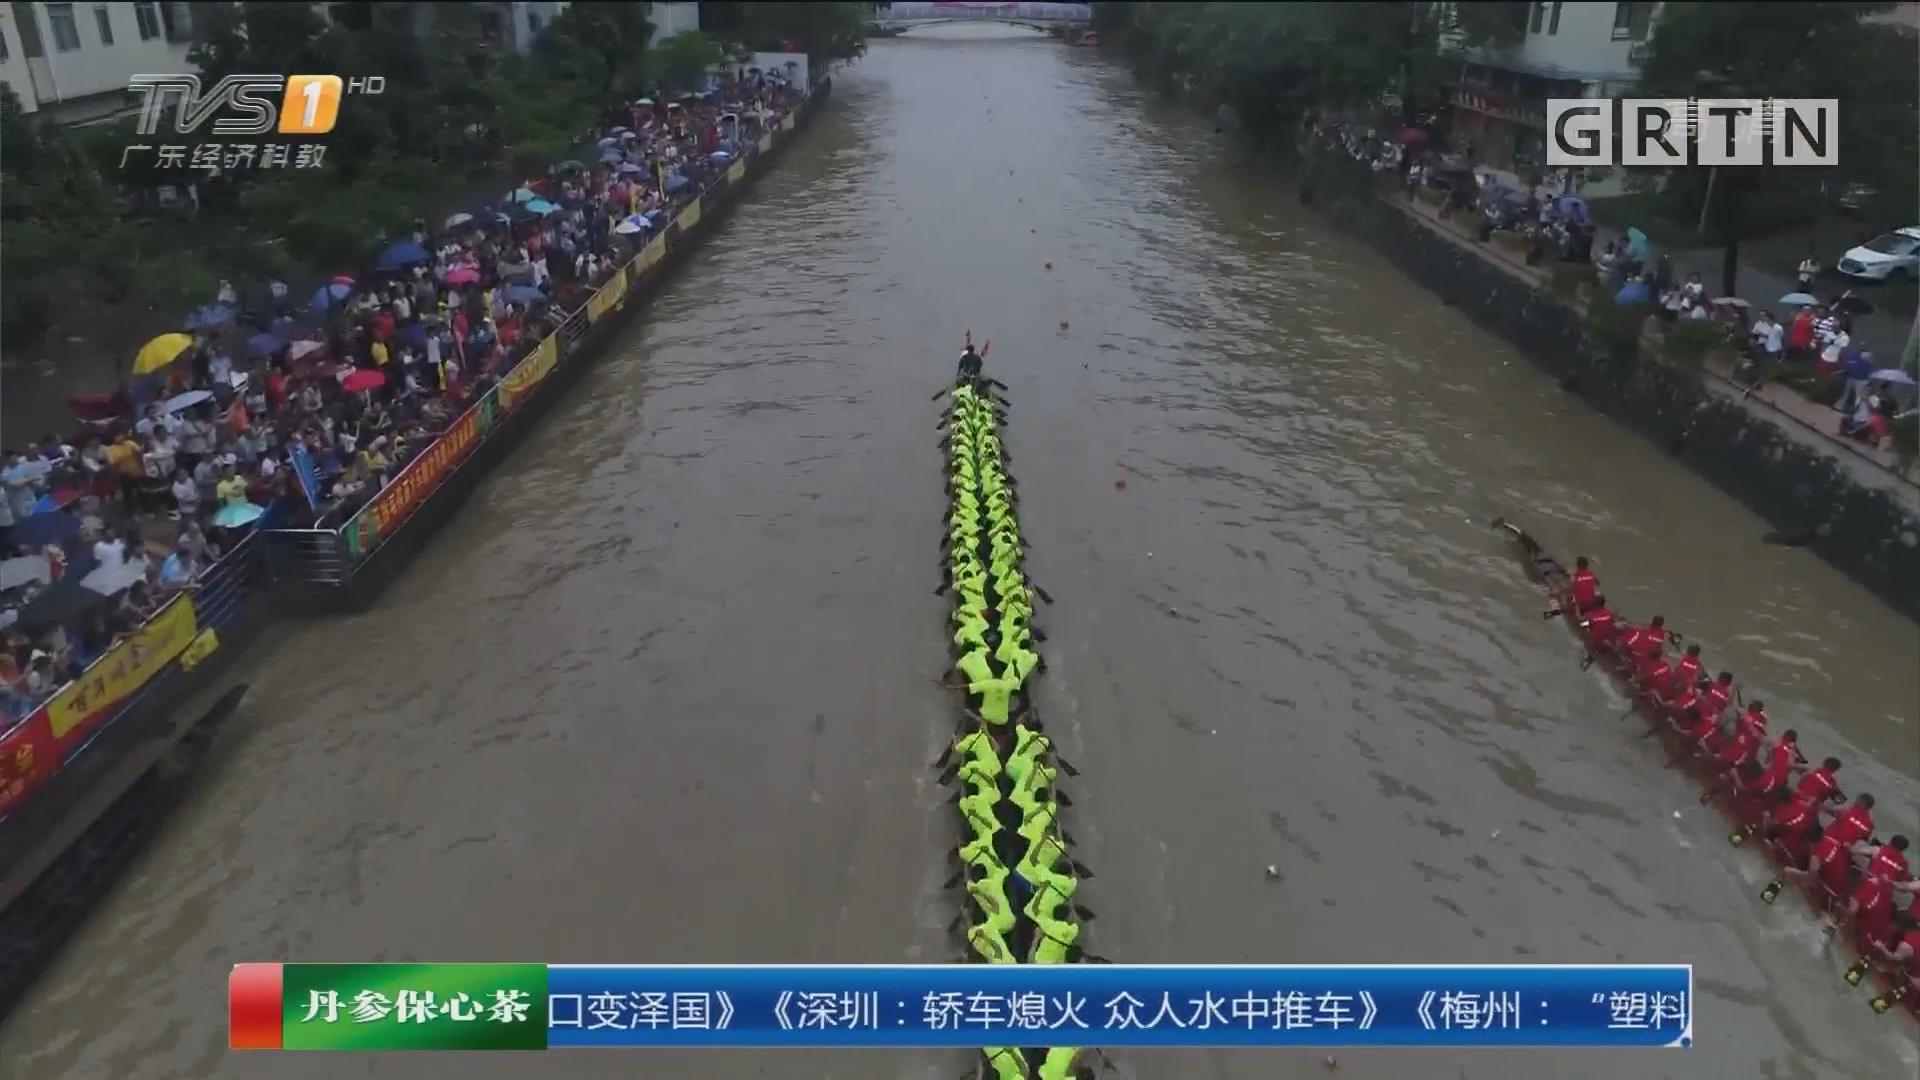 """广州车陂村:风浪中 车陂涌上再现""""激流勇进"""""""